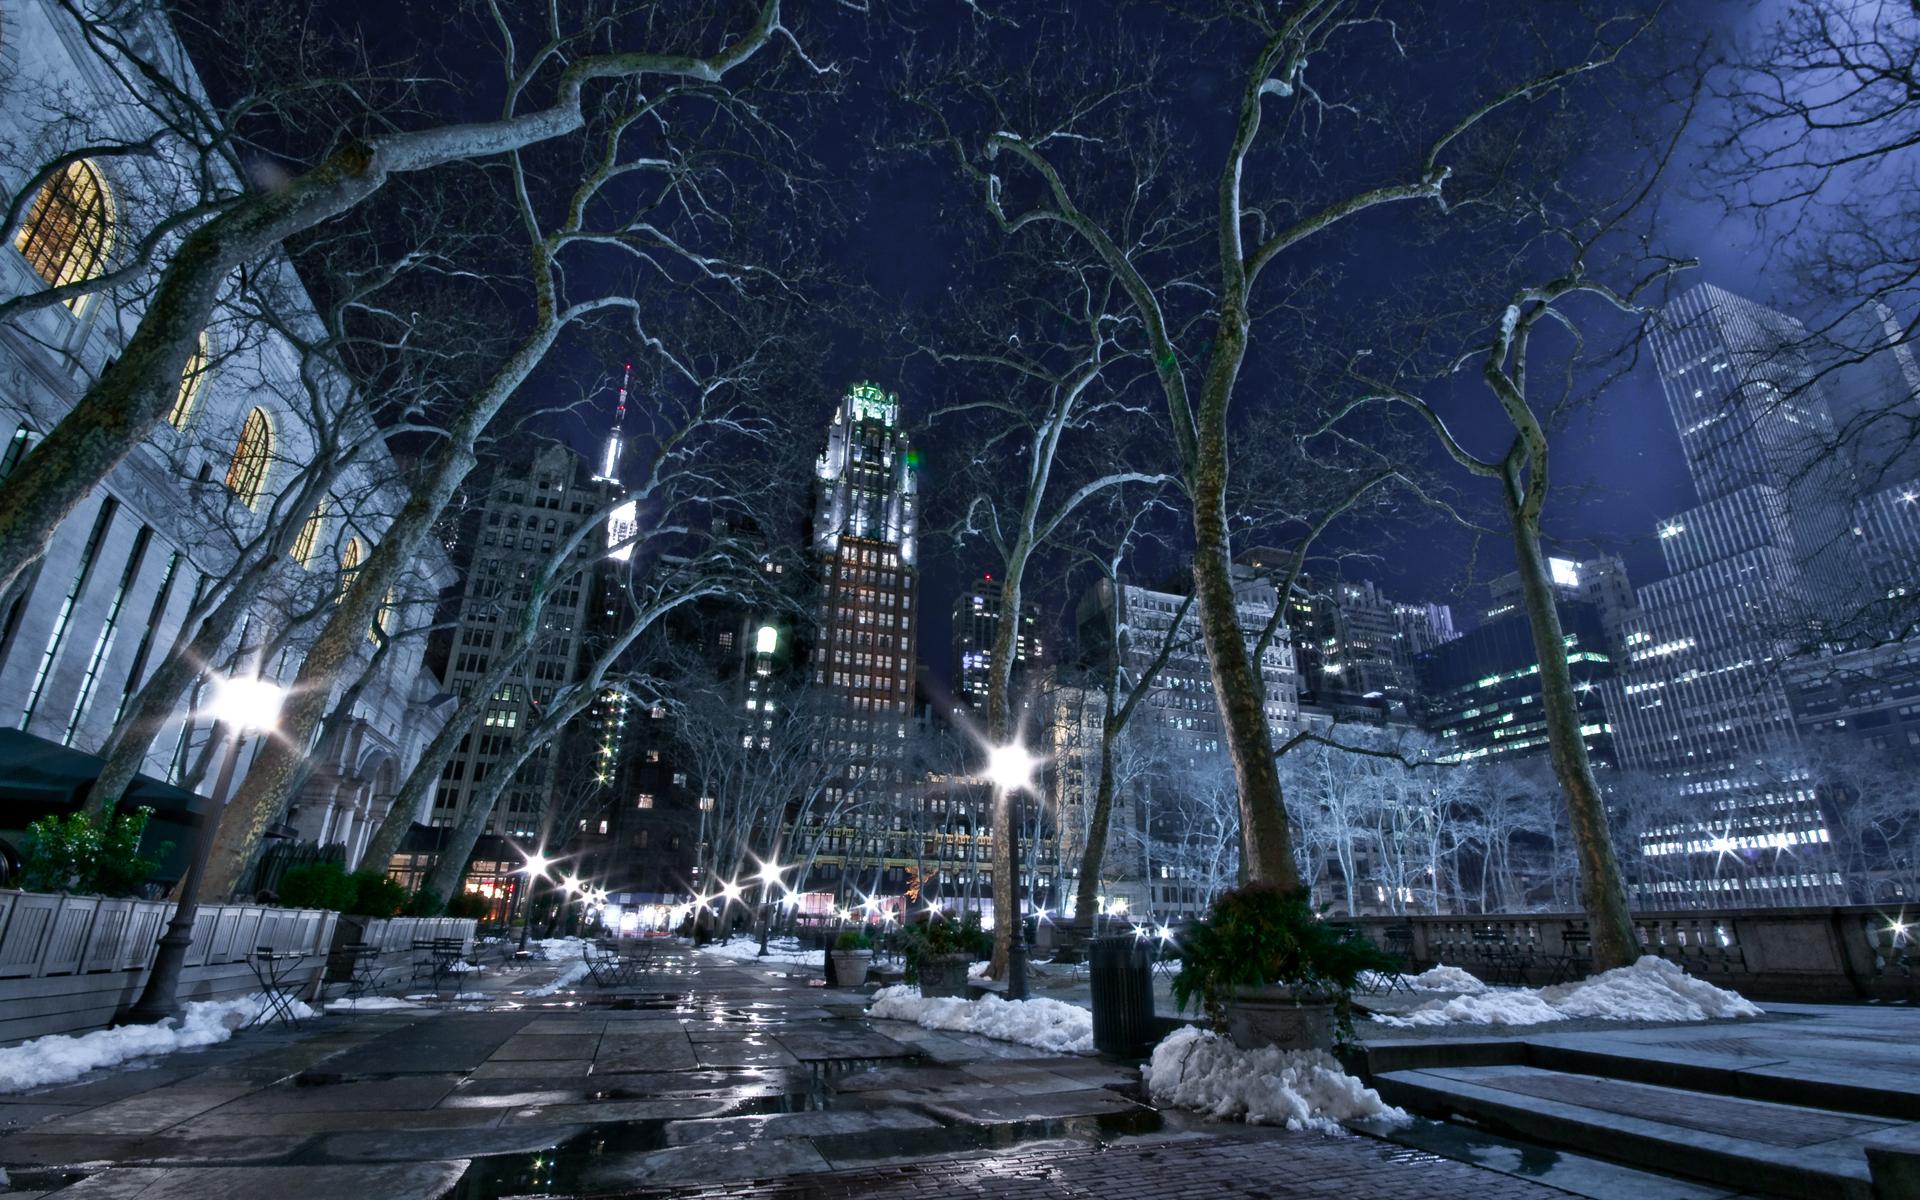 snow whites city, nm